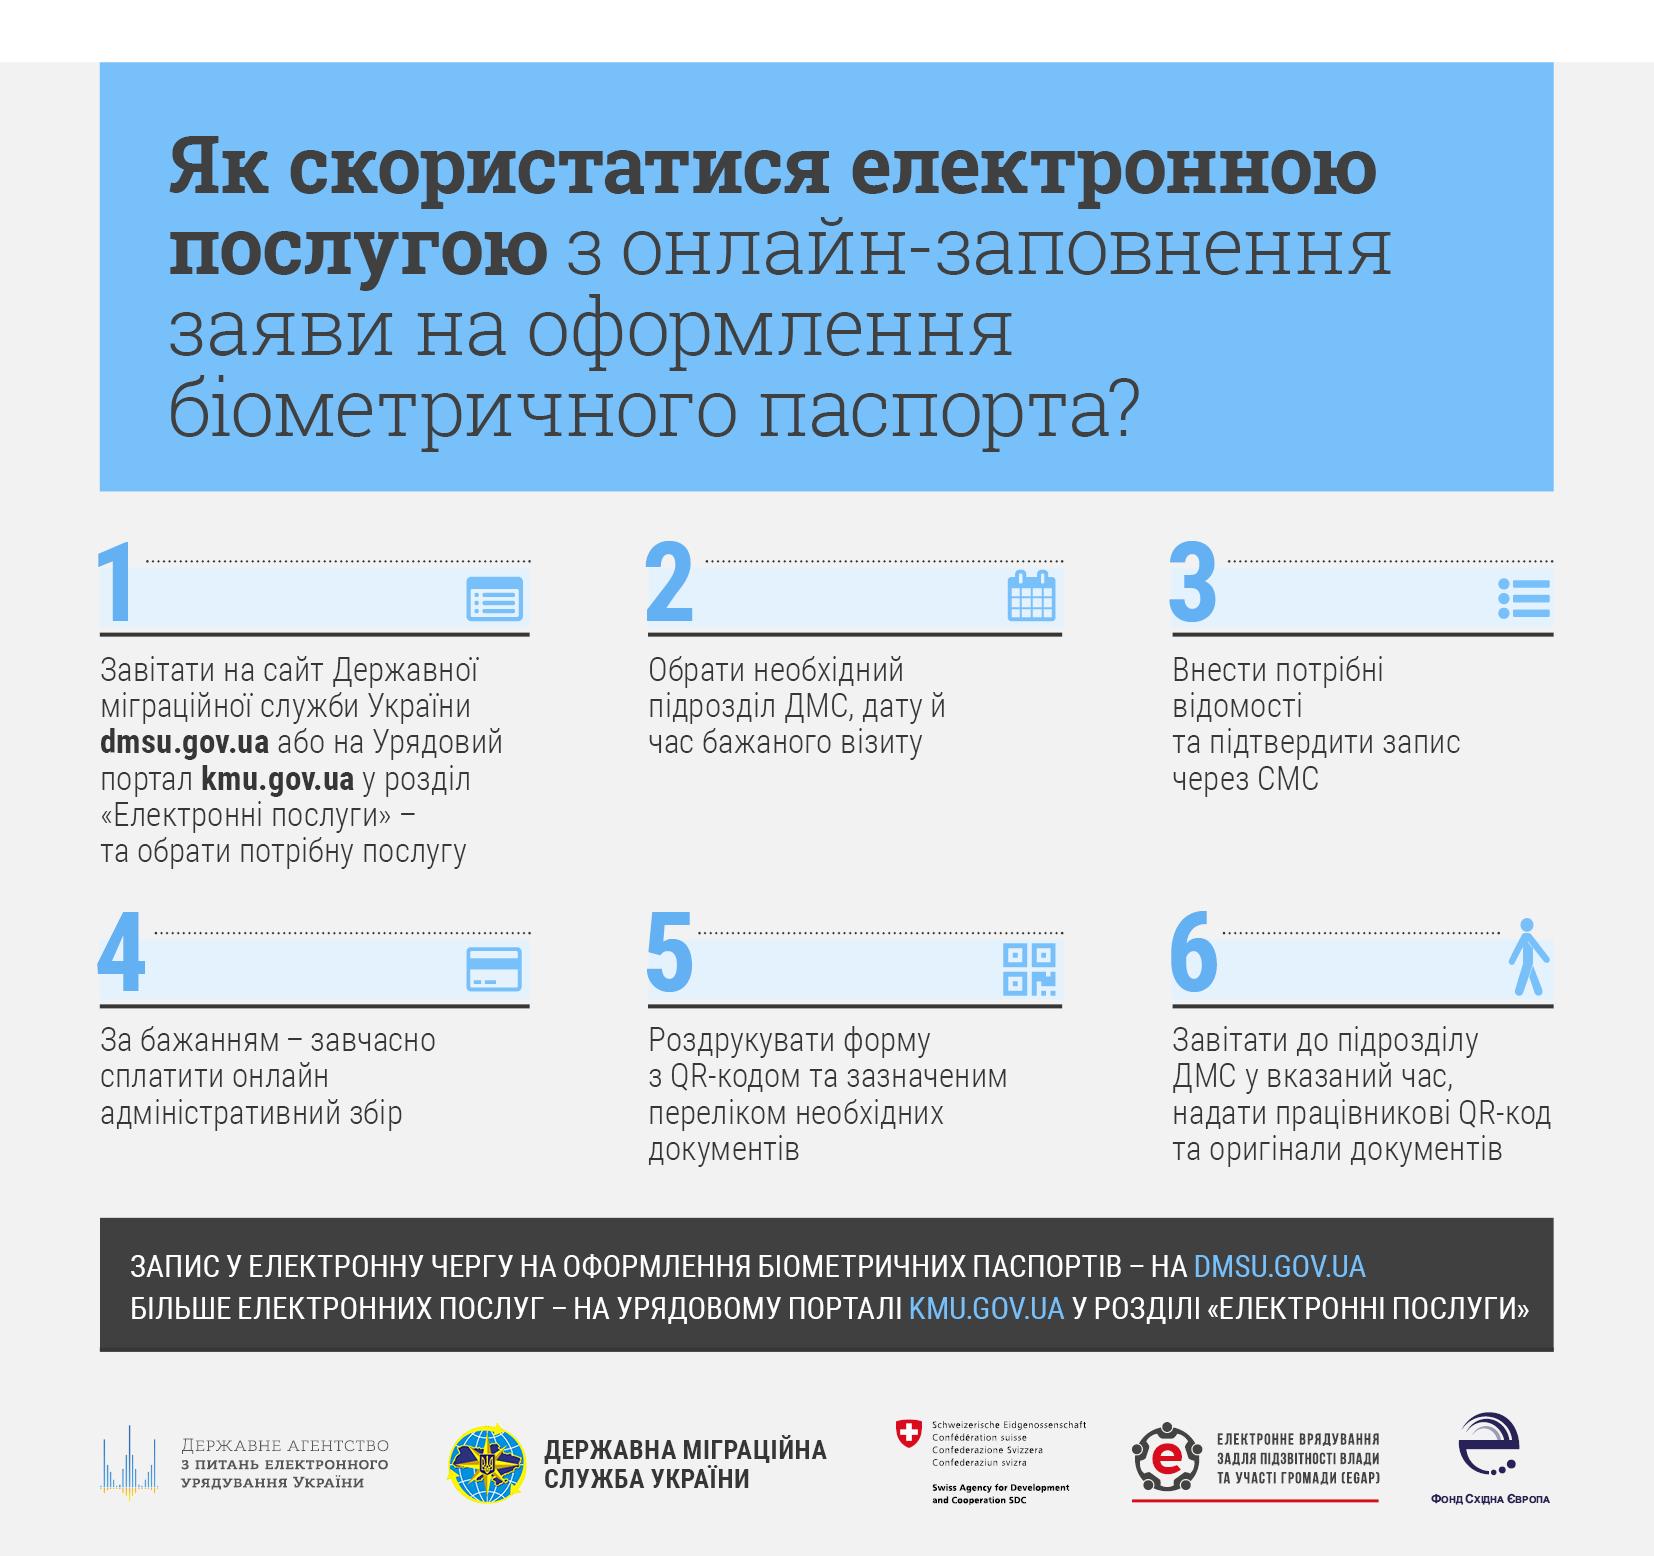 В Україні стартував пілотний проект з онлайн-подачі документів для оформлення біометричного паспорта, фото-2